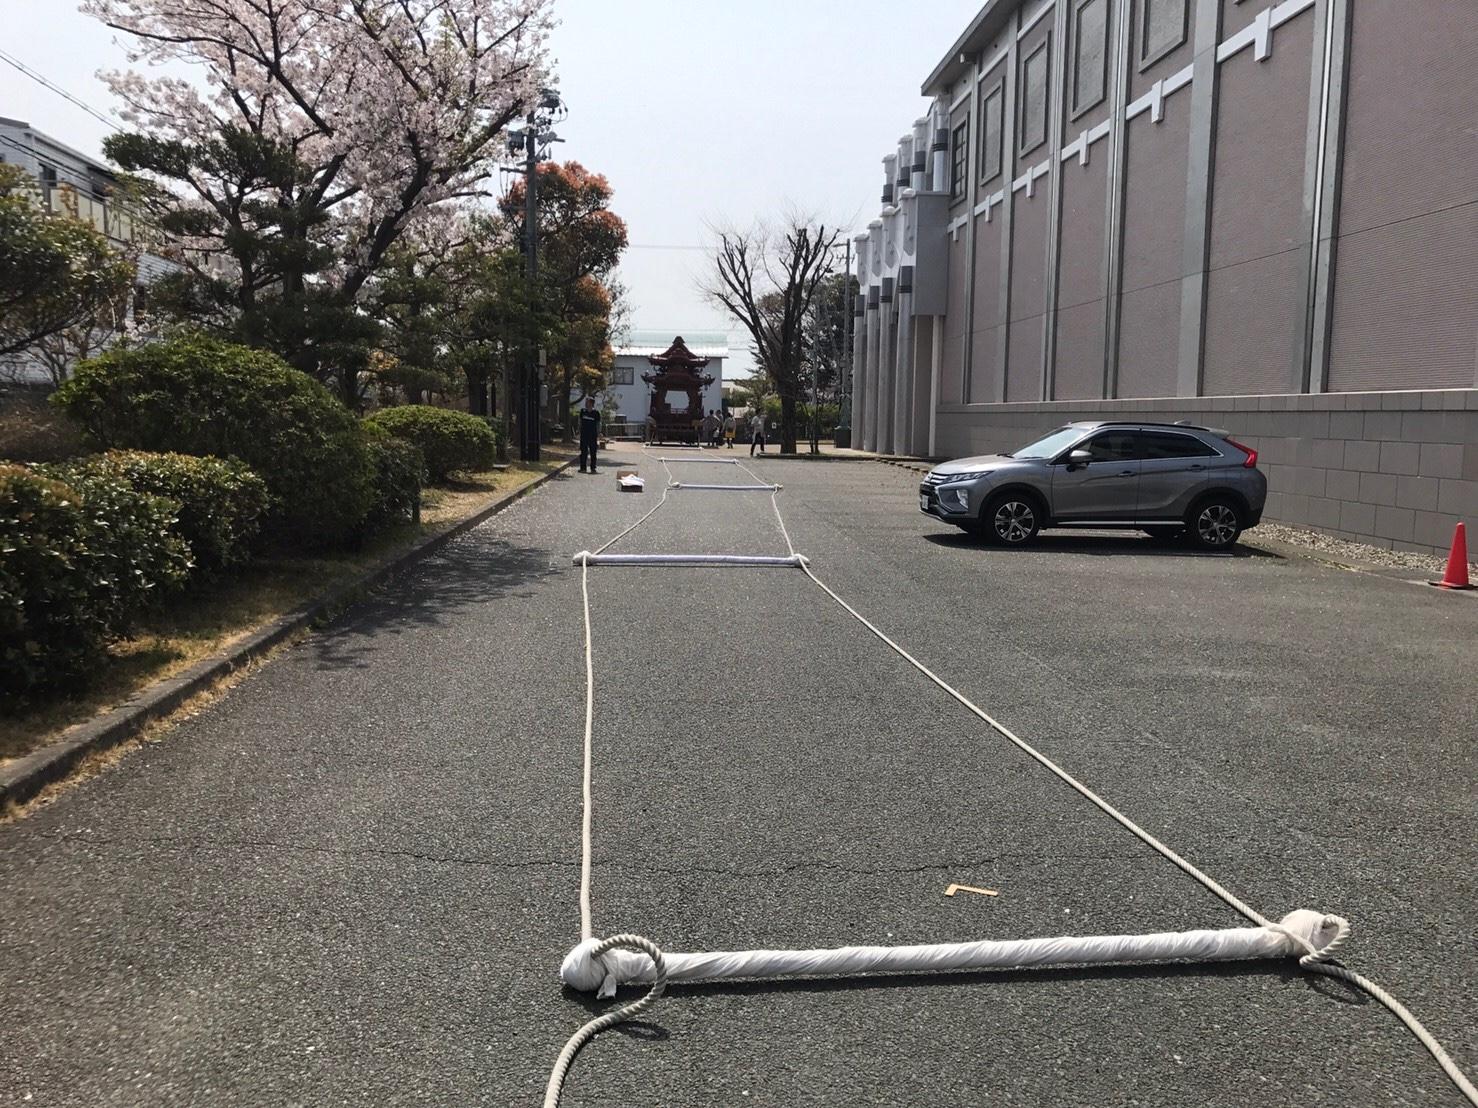 20190407浜松まつり準備 - 広沢ひ組の屋台